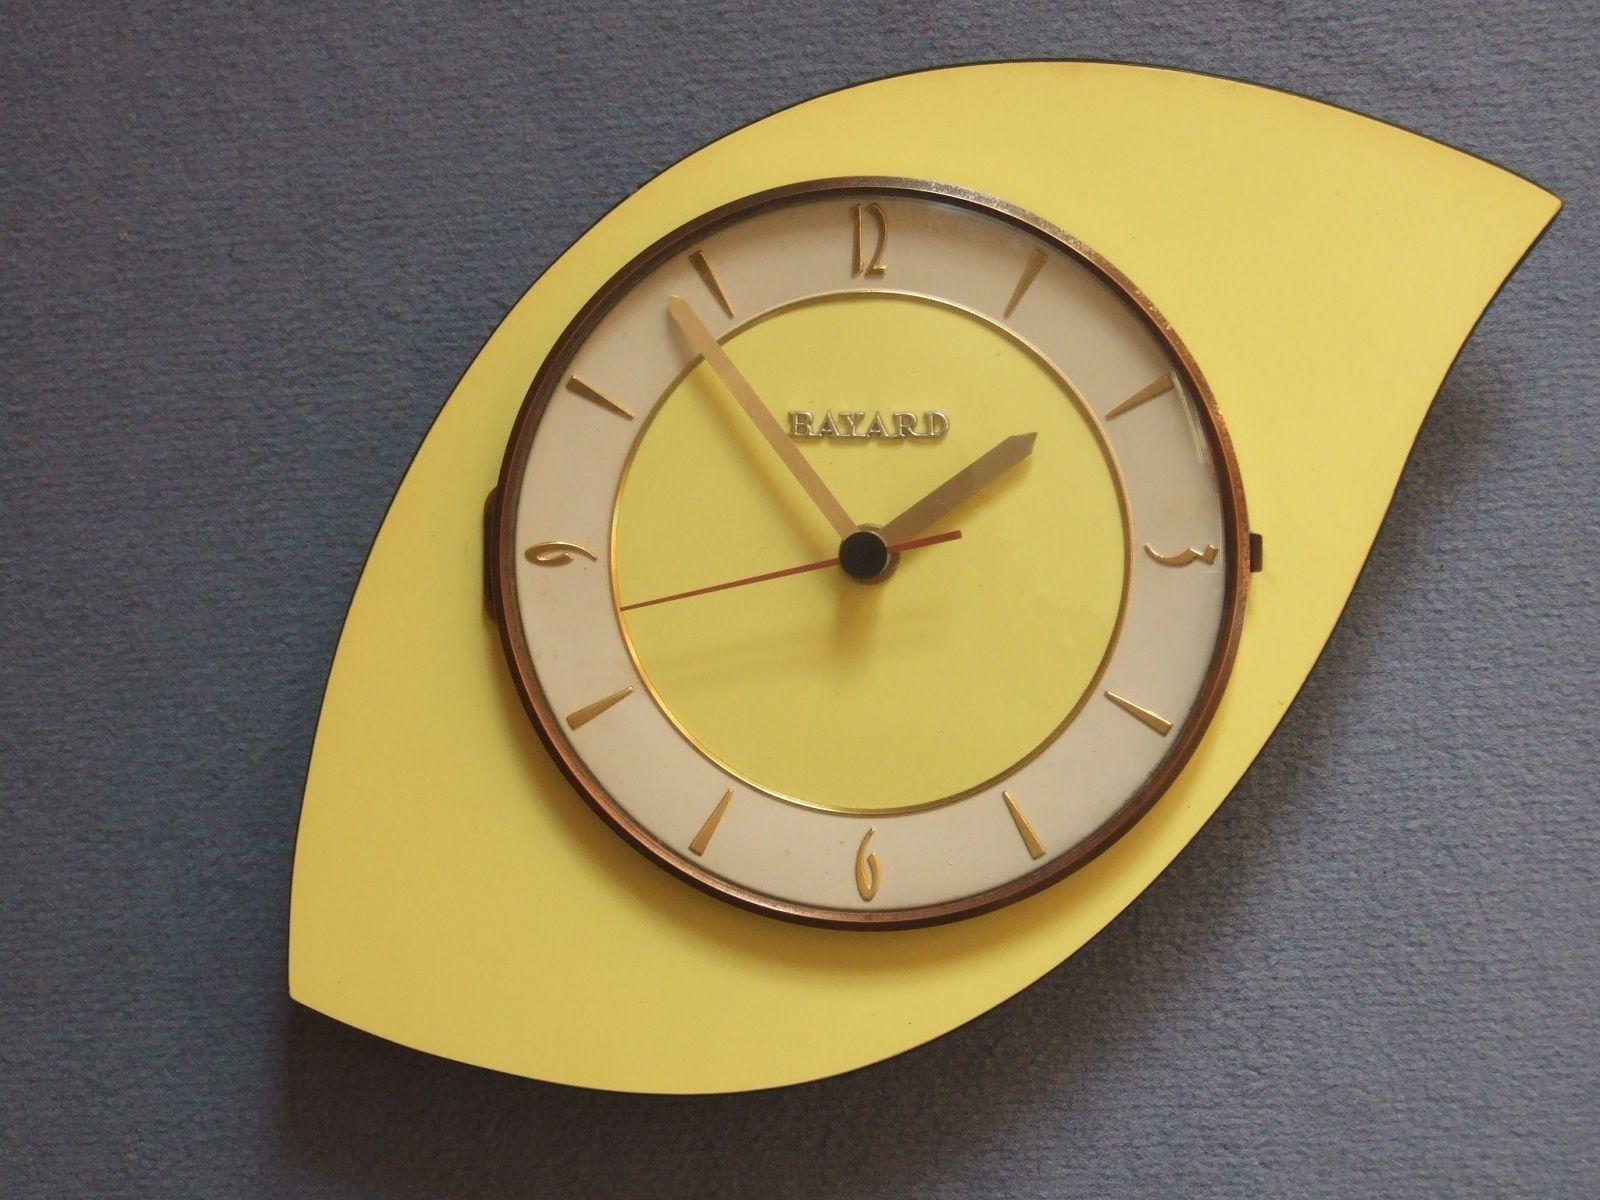 Pendule bayard des ann es 60 formica in art antiquit s meubles d coration xx me design du - Pendule de cuisine ...